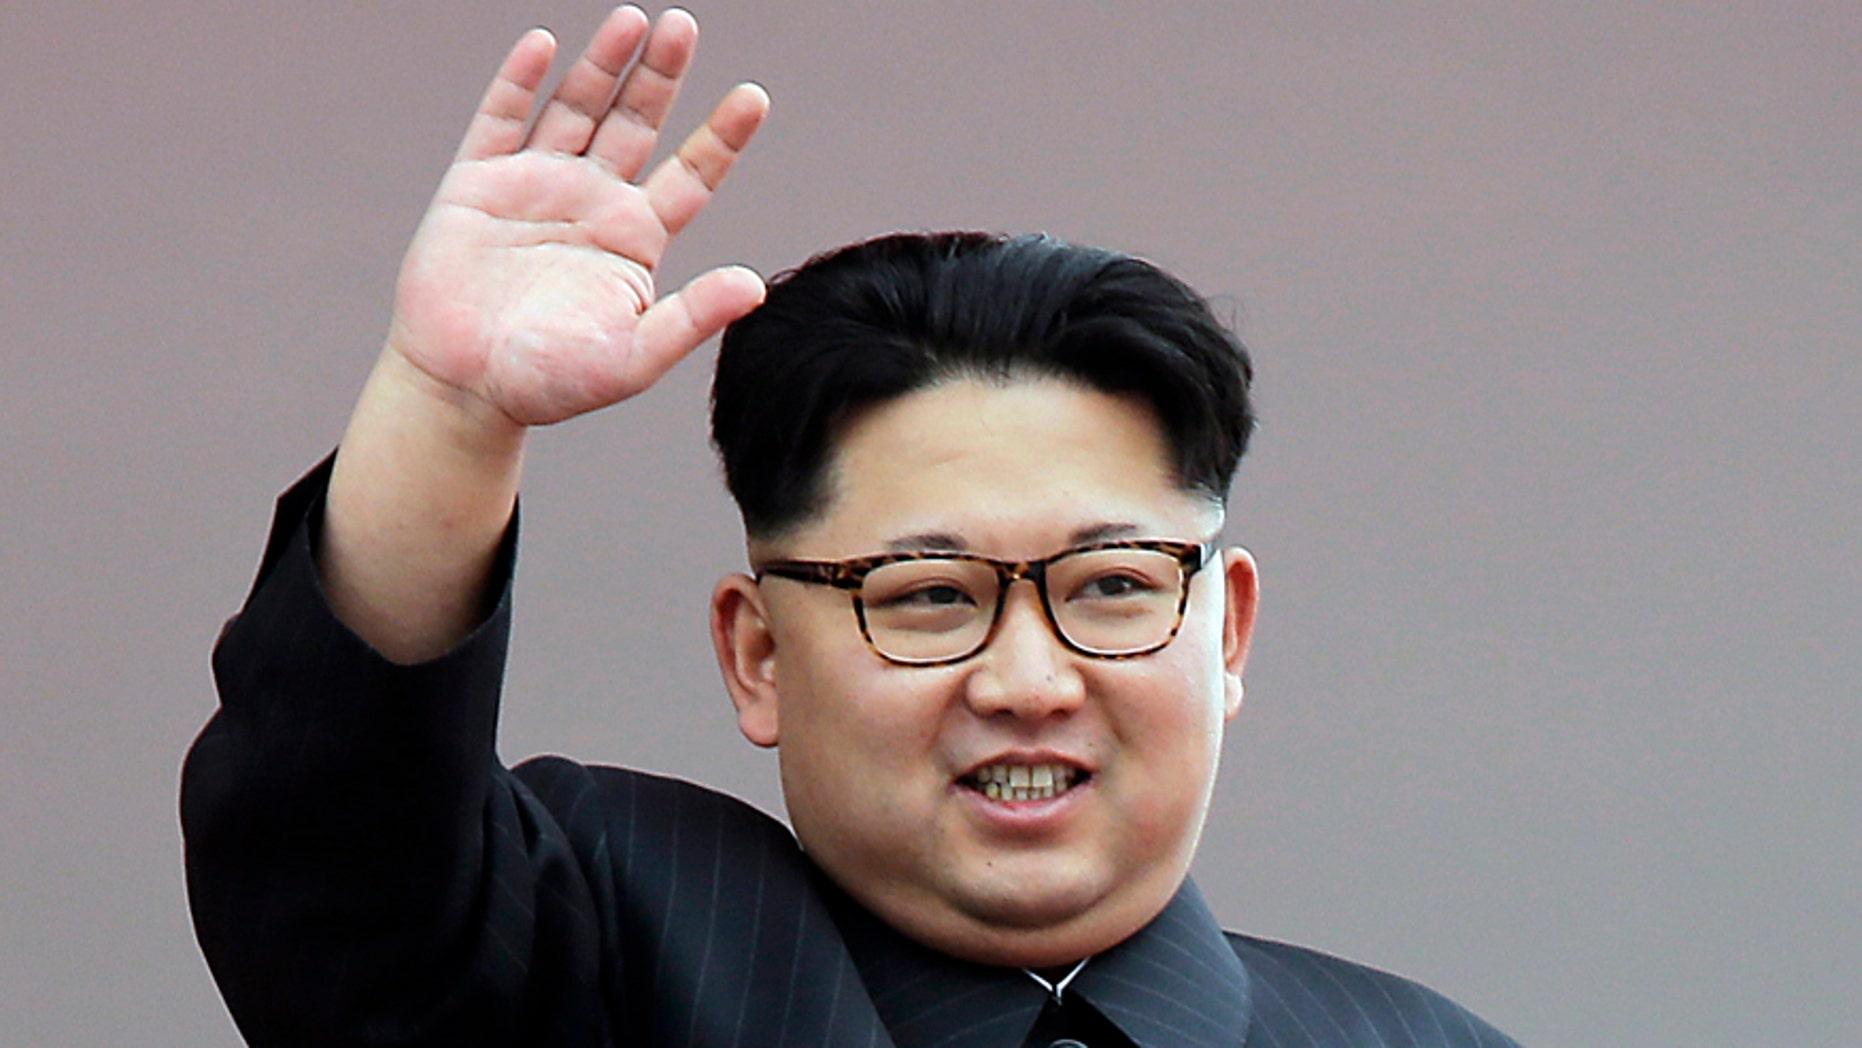 In this May 10, 2016, file photo, North Korean leader Kim Jong Un waves at parade participants at the Kim Il Sung Square in Pyongyang, North Korea.